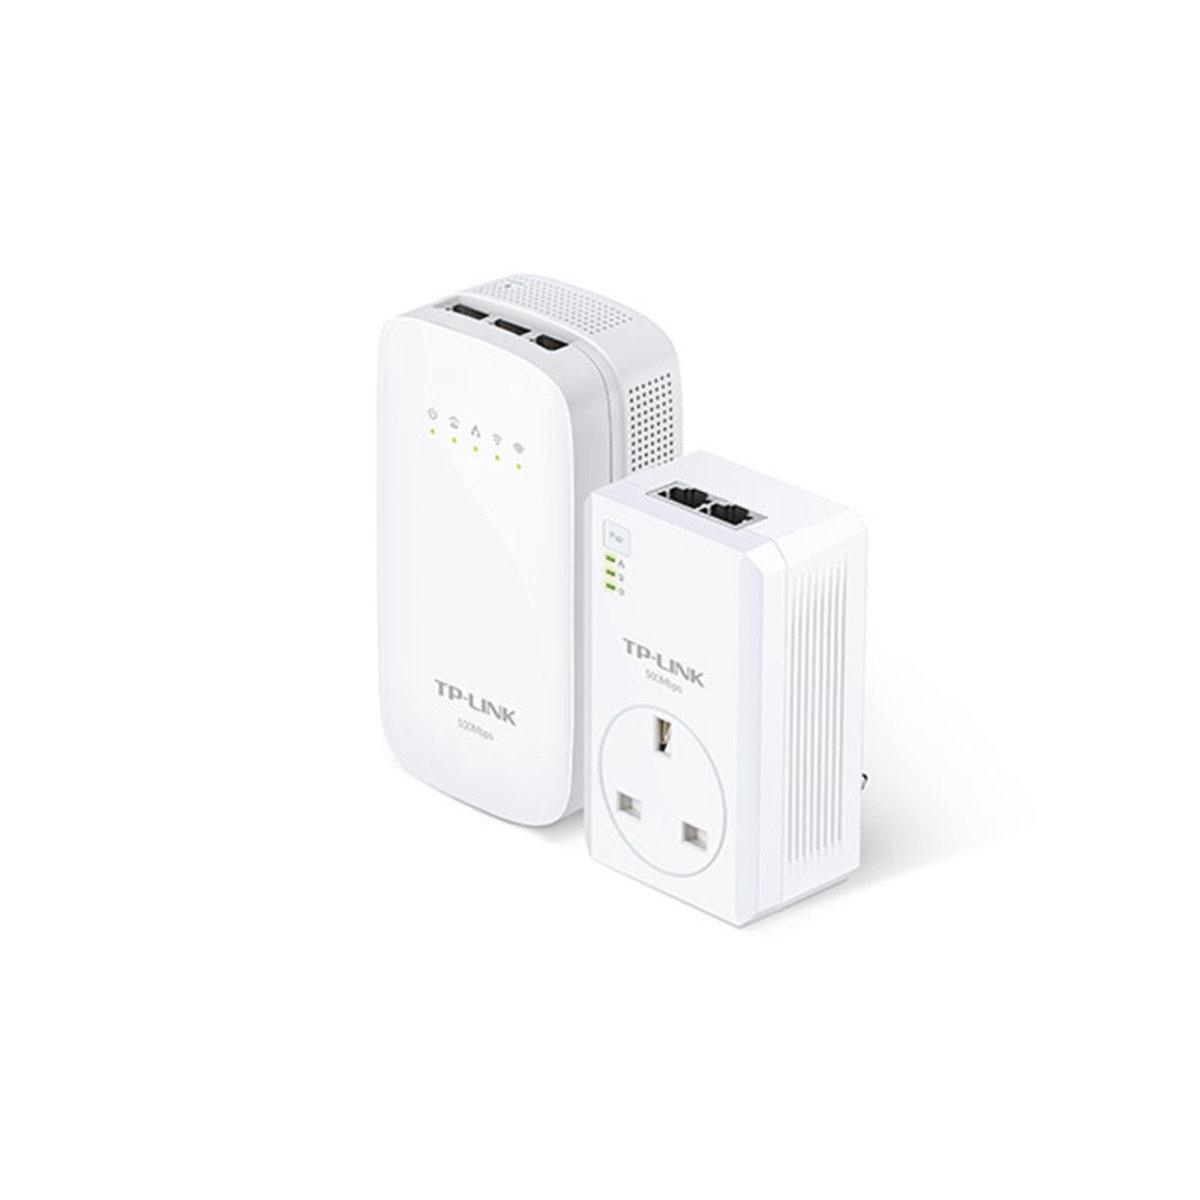 AV 500Mbps 無線AC-WiFi HomePlug 電力網絡 WPA-4530-KIT